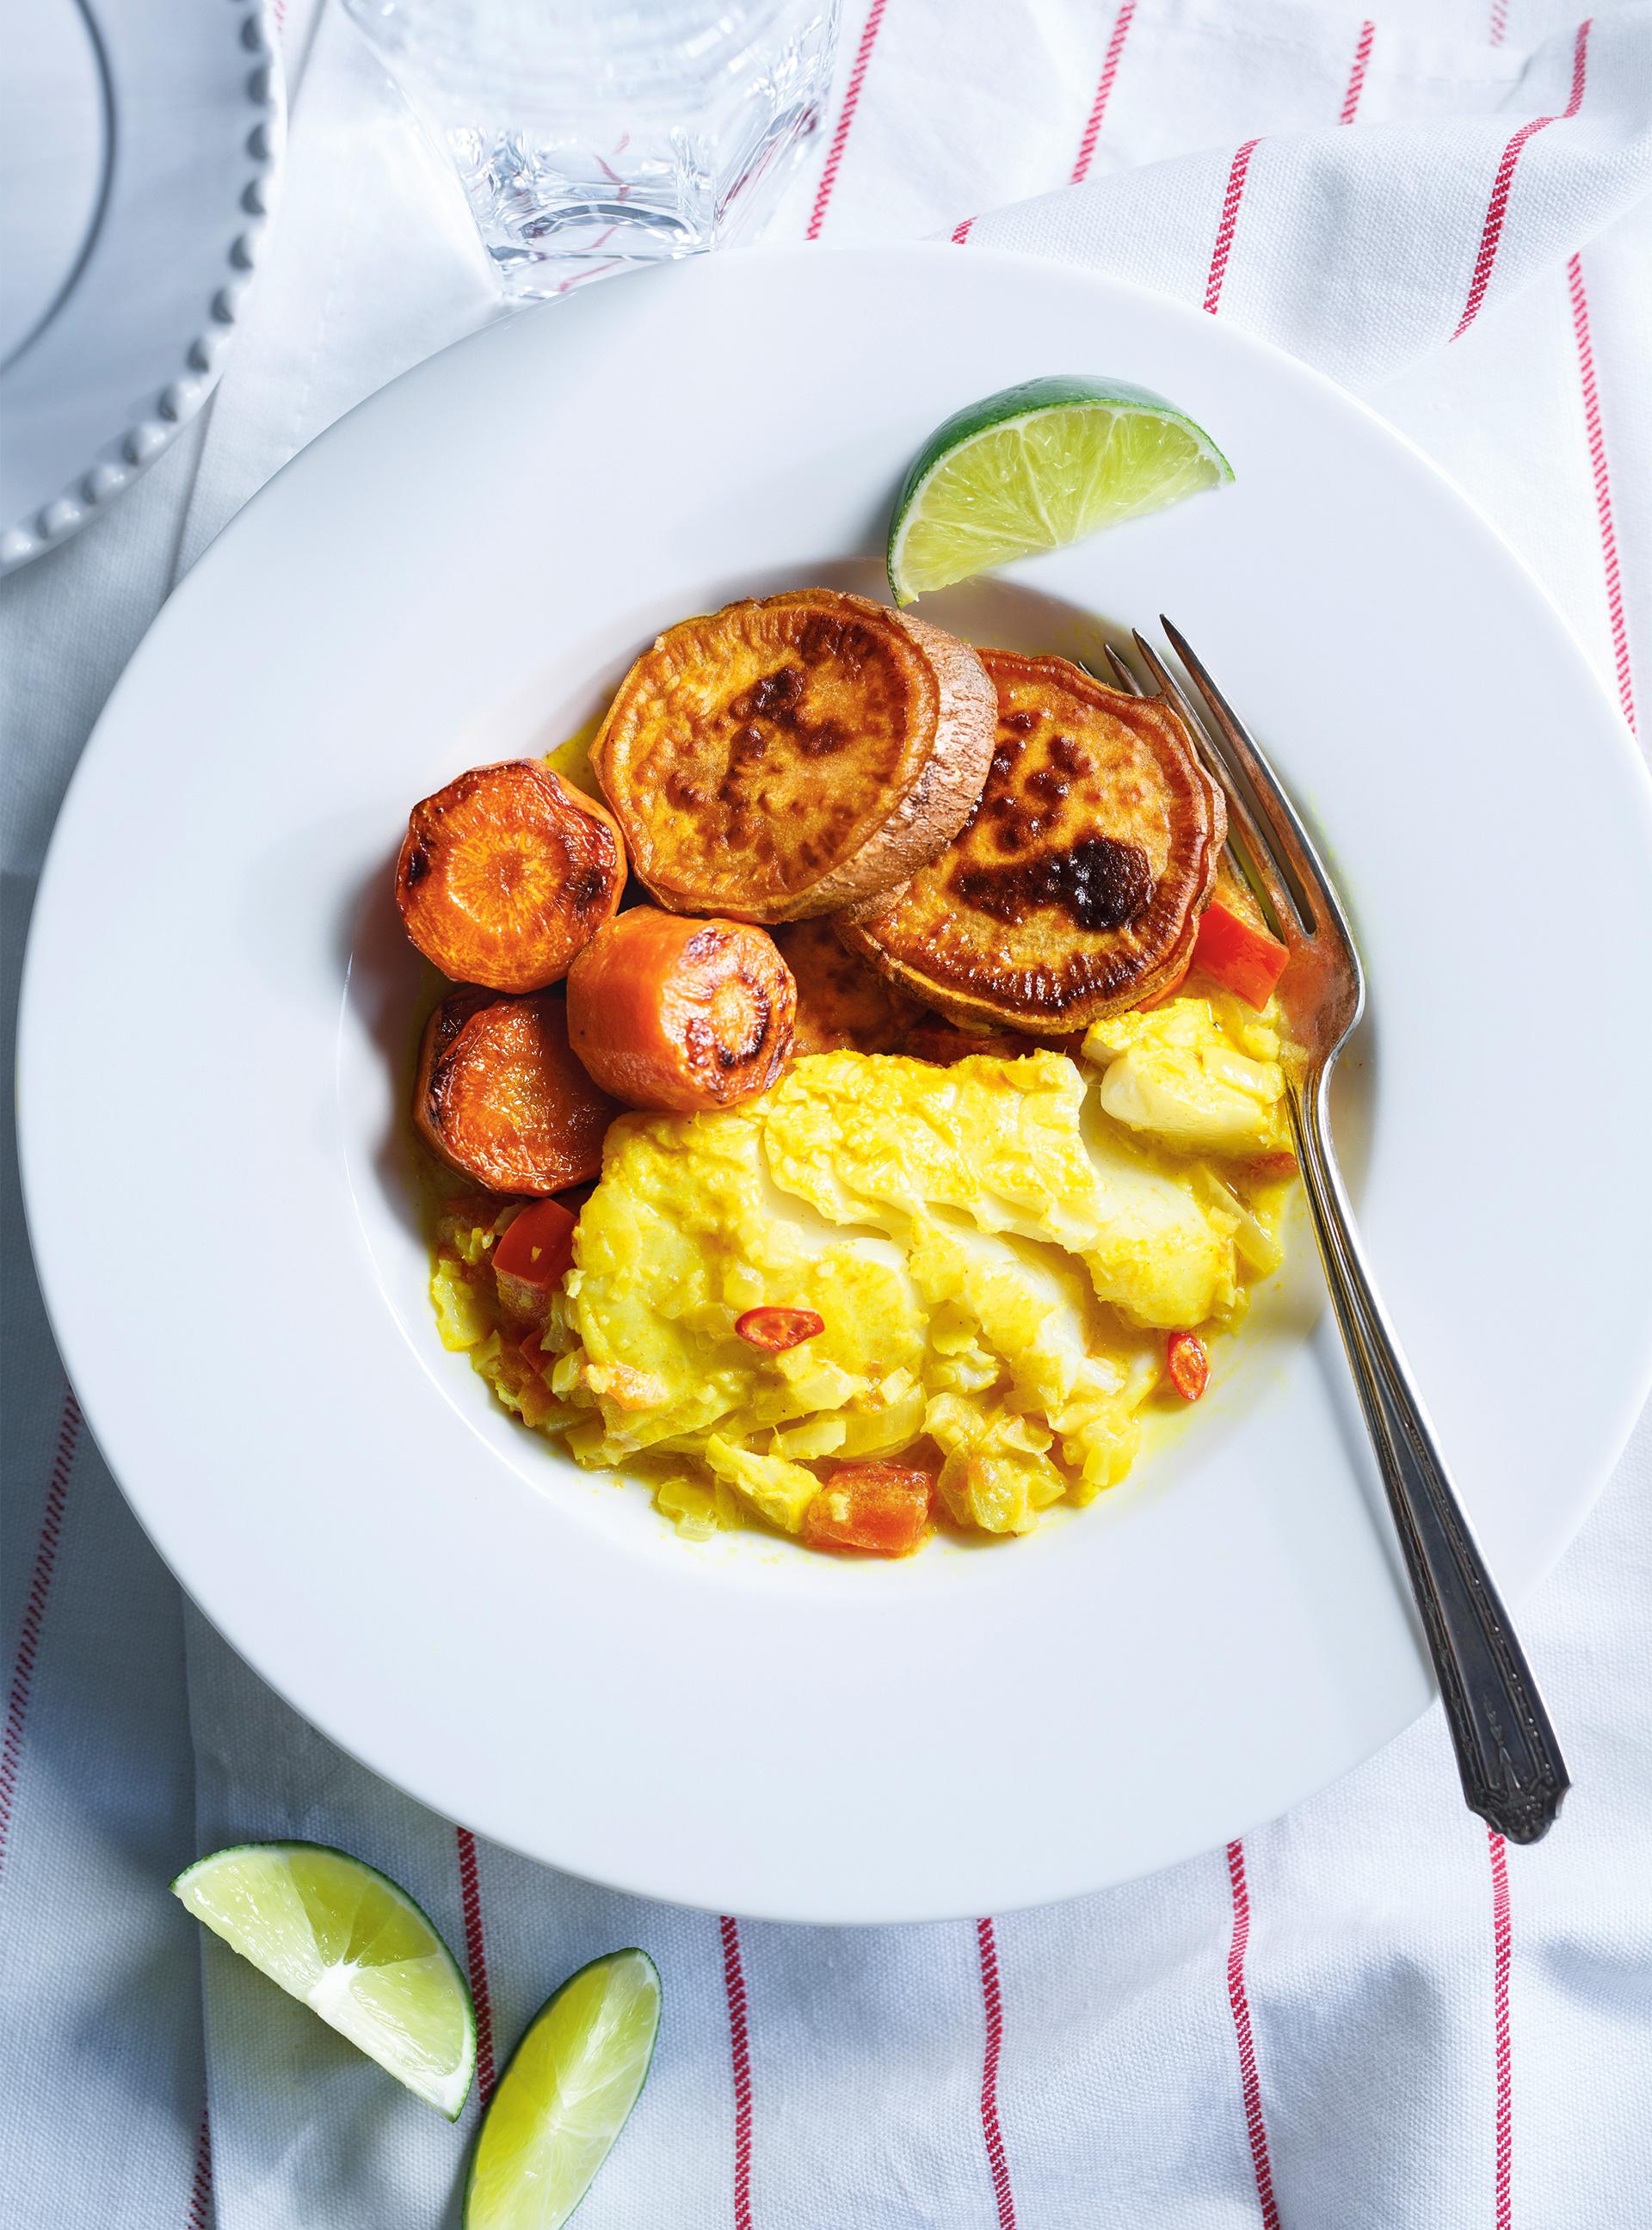 Ragoût de poisson au curcuma, patates douces et carottes | ricardo